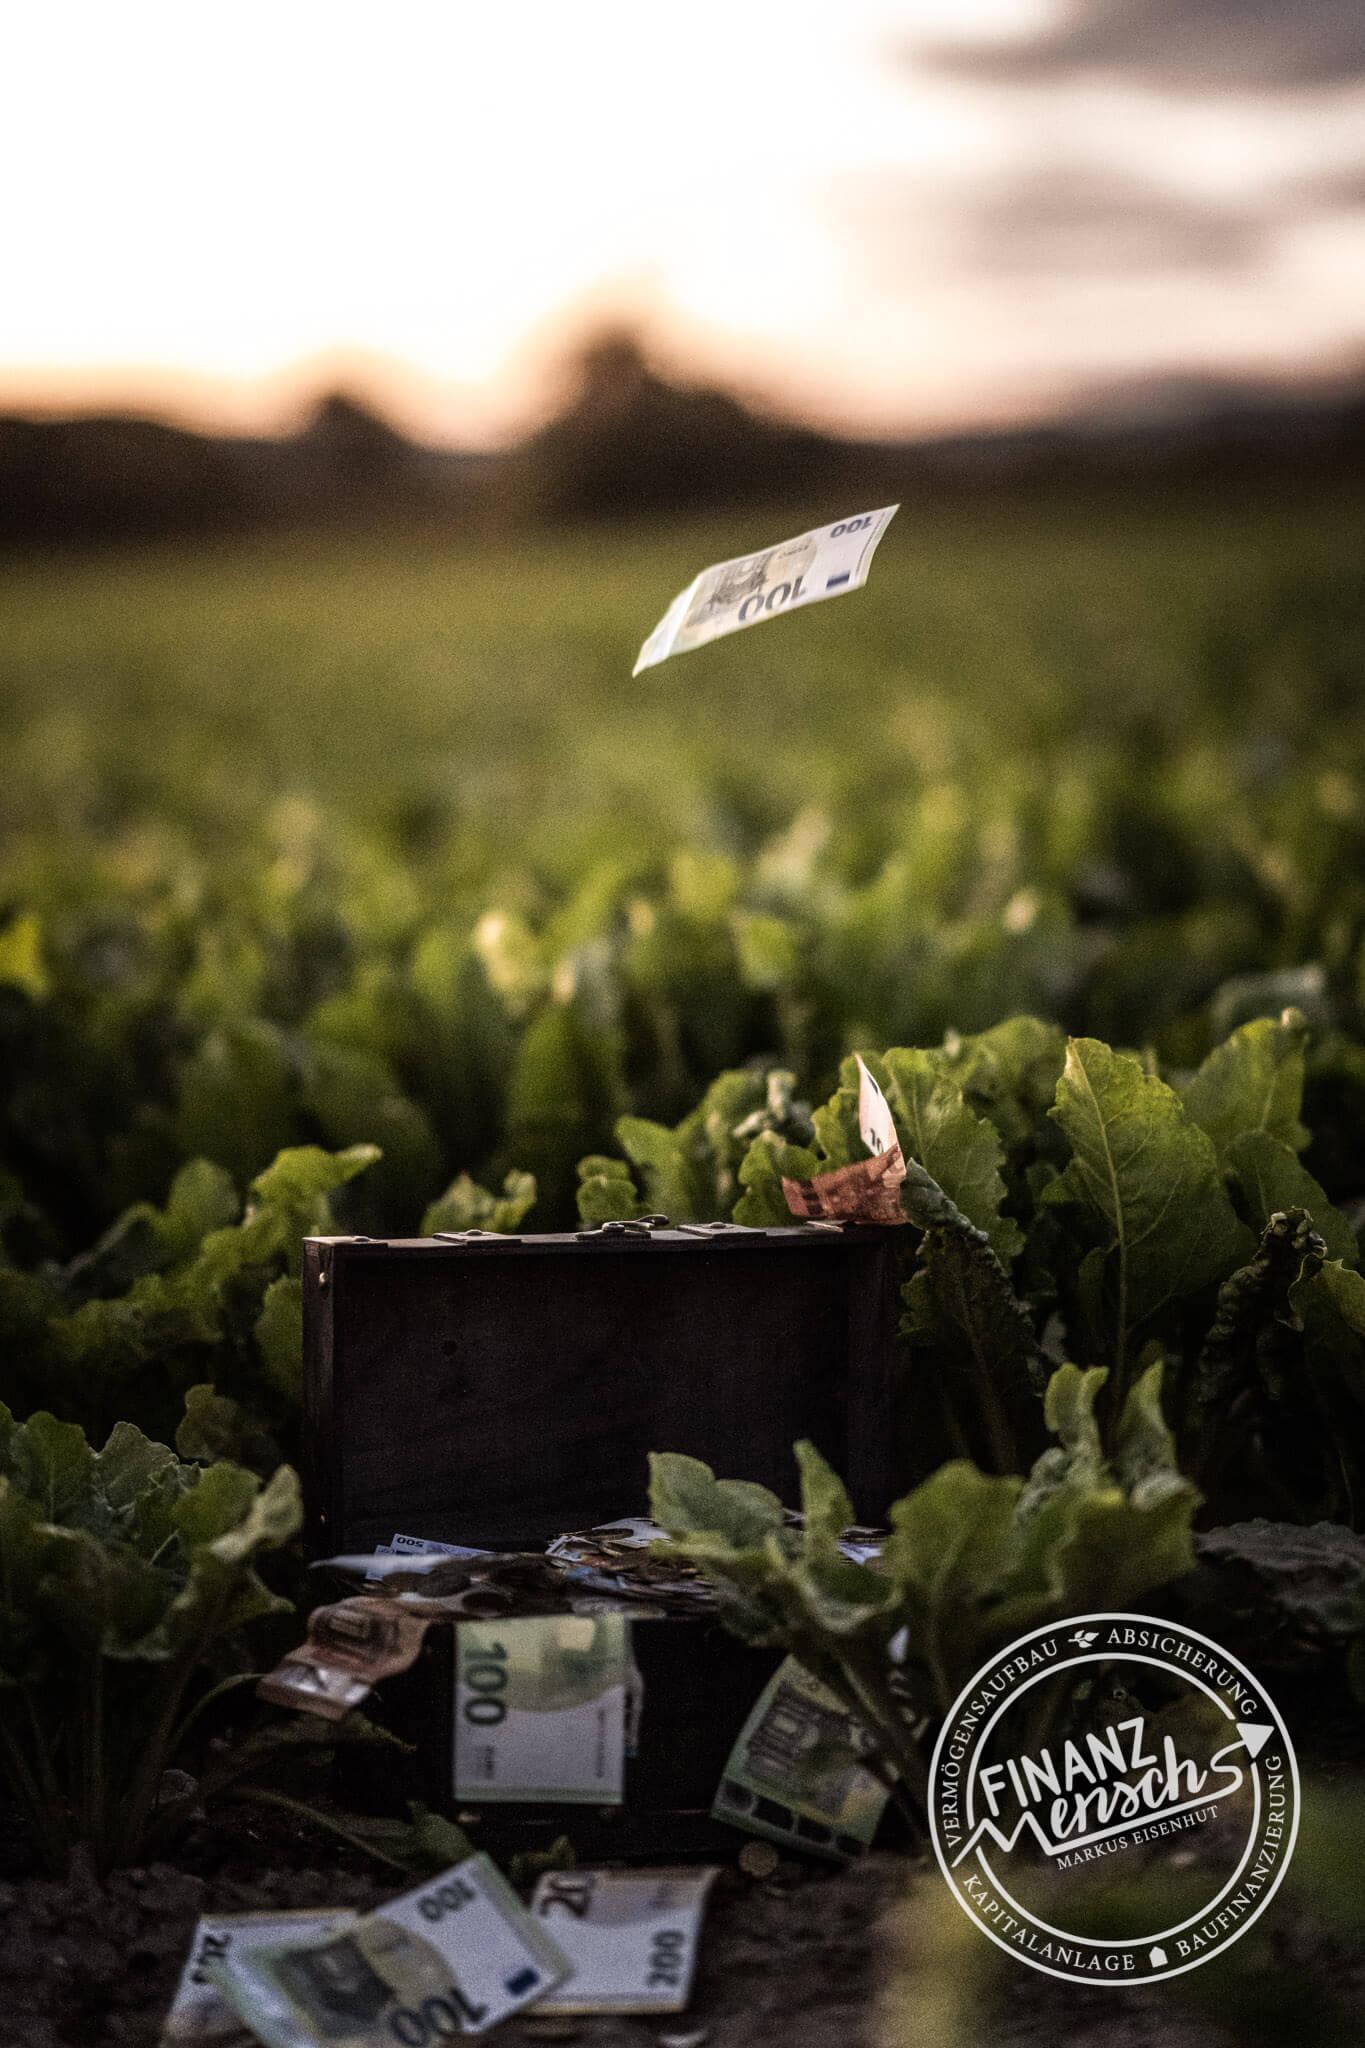 Finanzmensch Vorteile - Feld mit Truhe und Geld